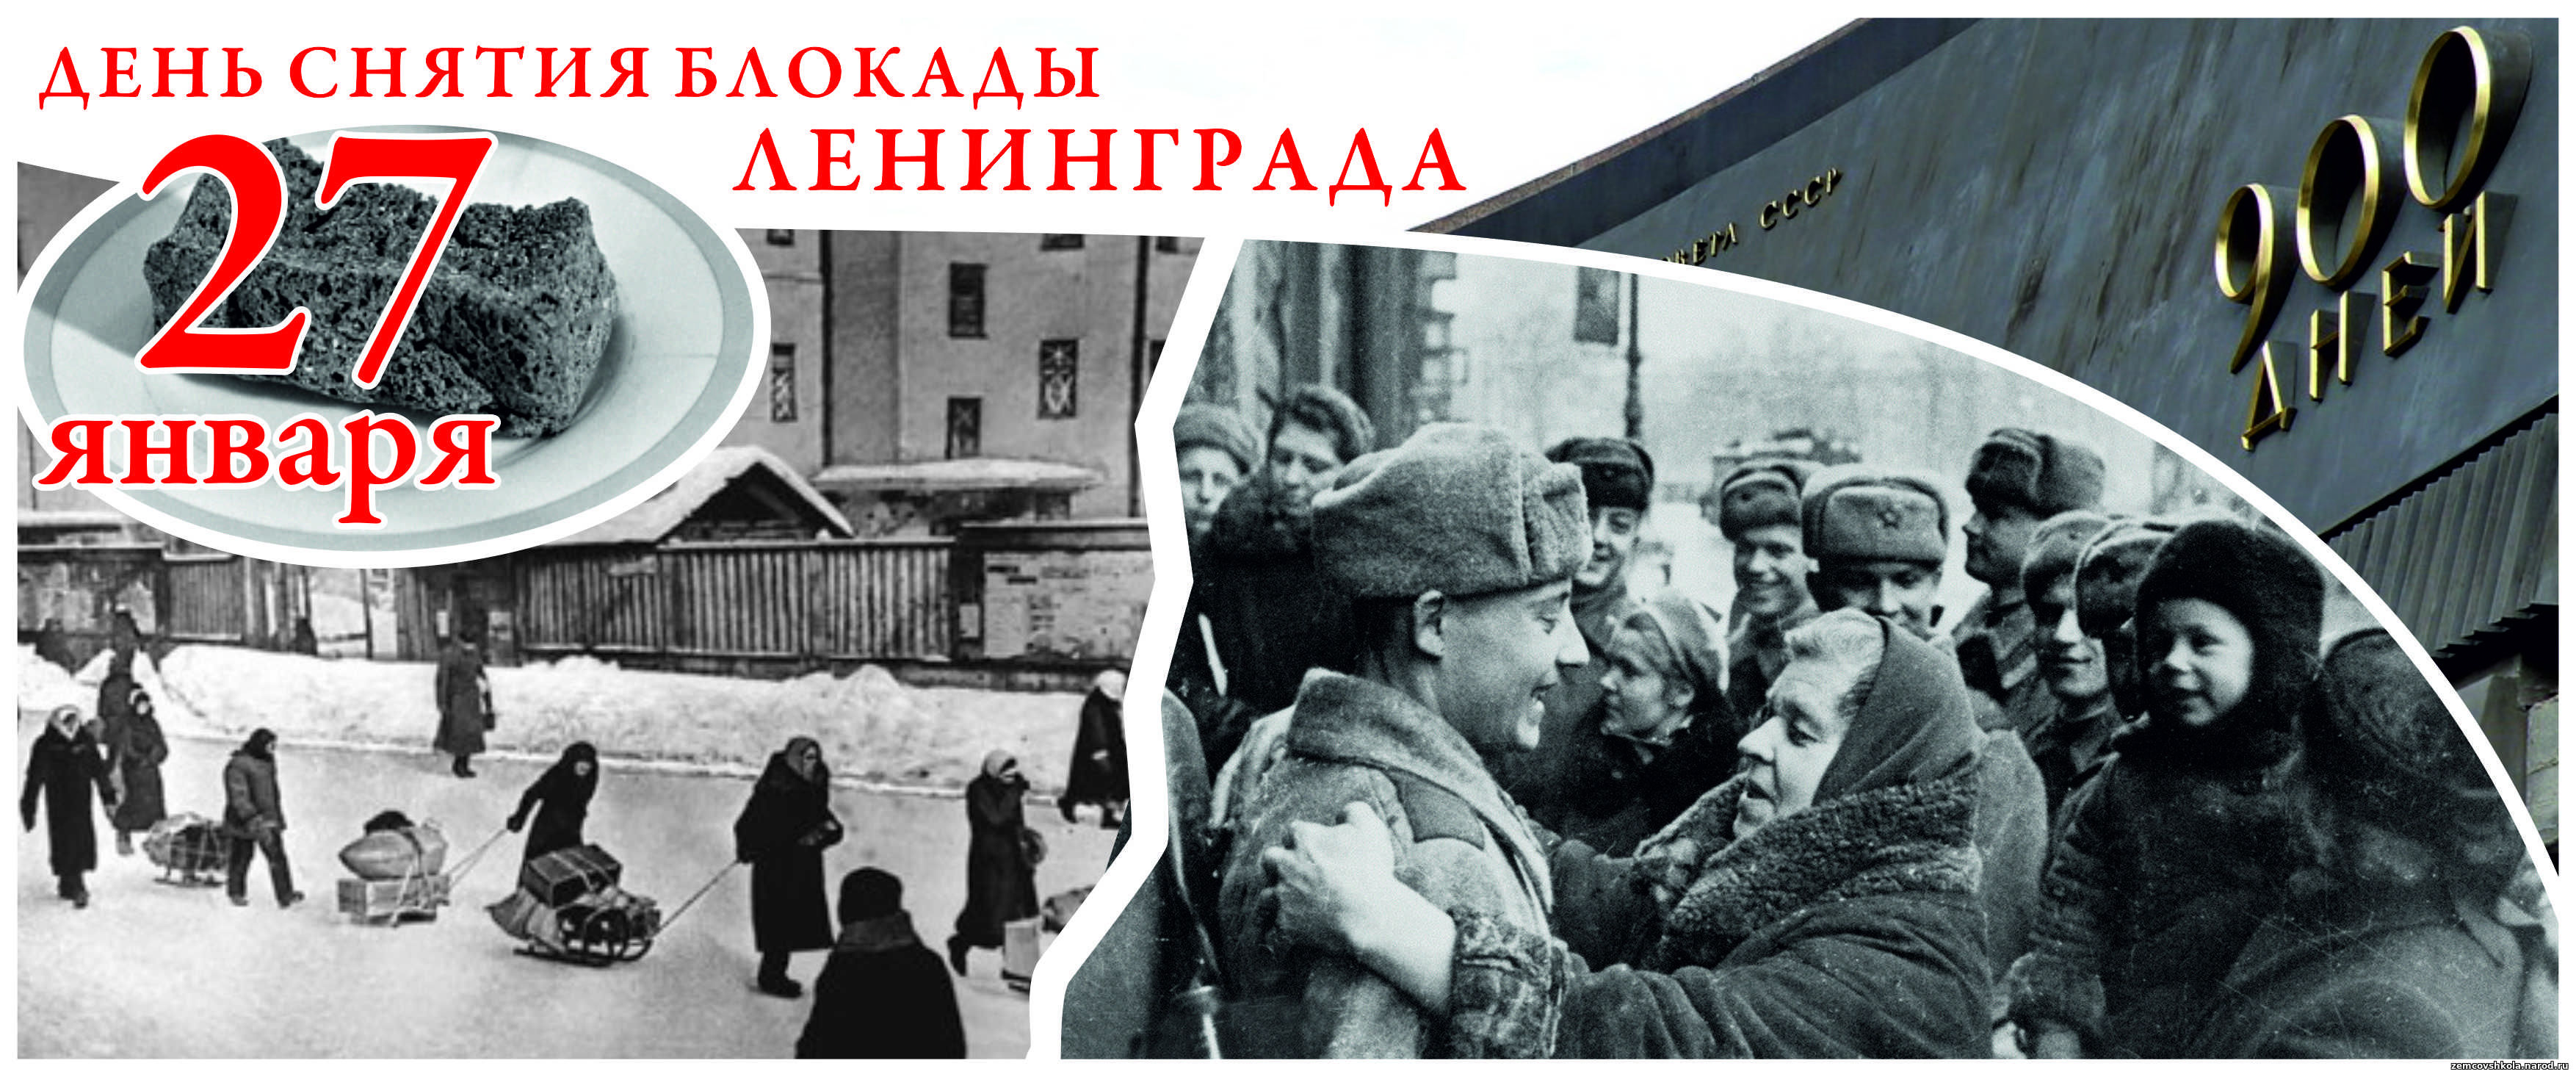 27 января в Петербурге вспомнят о страшной блокаде и почтут память героев